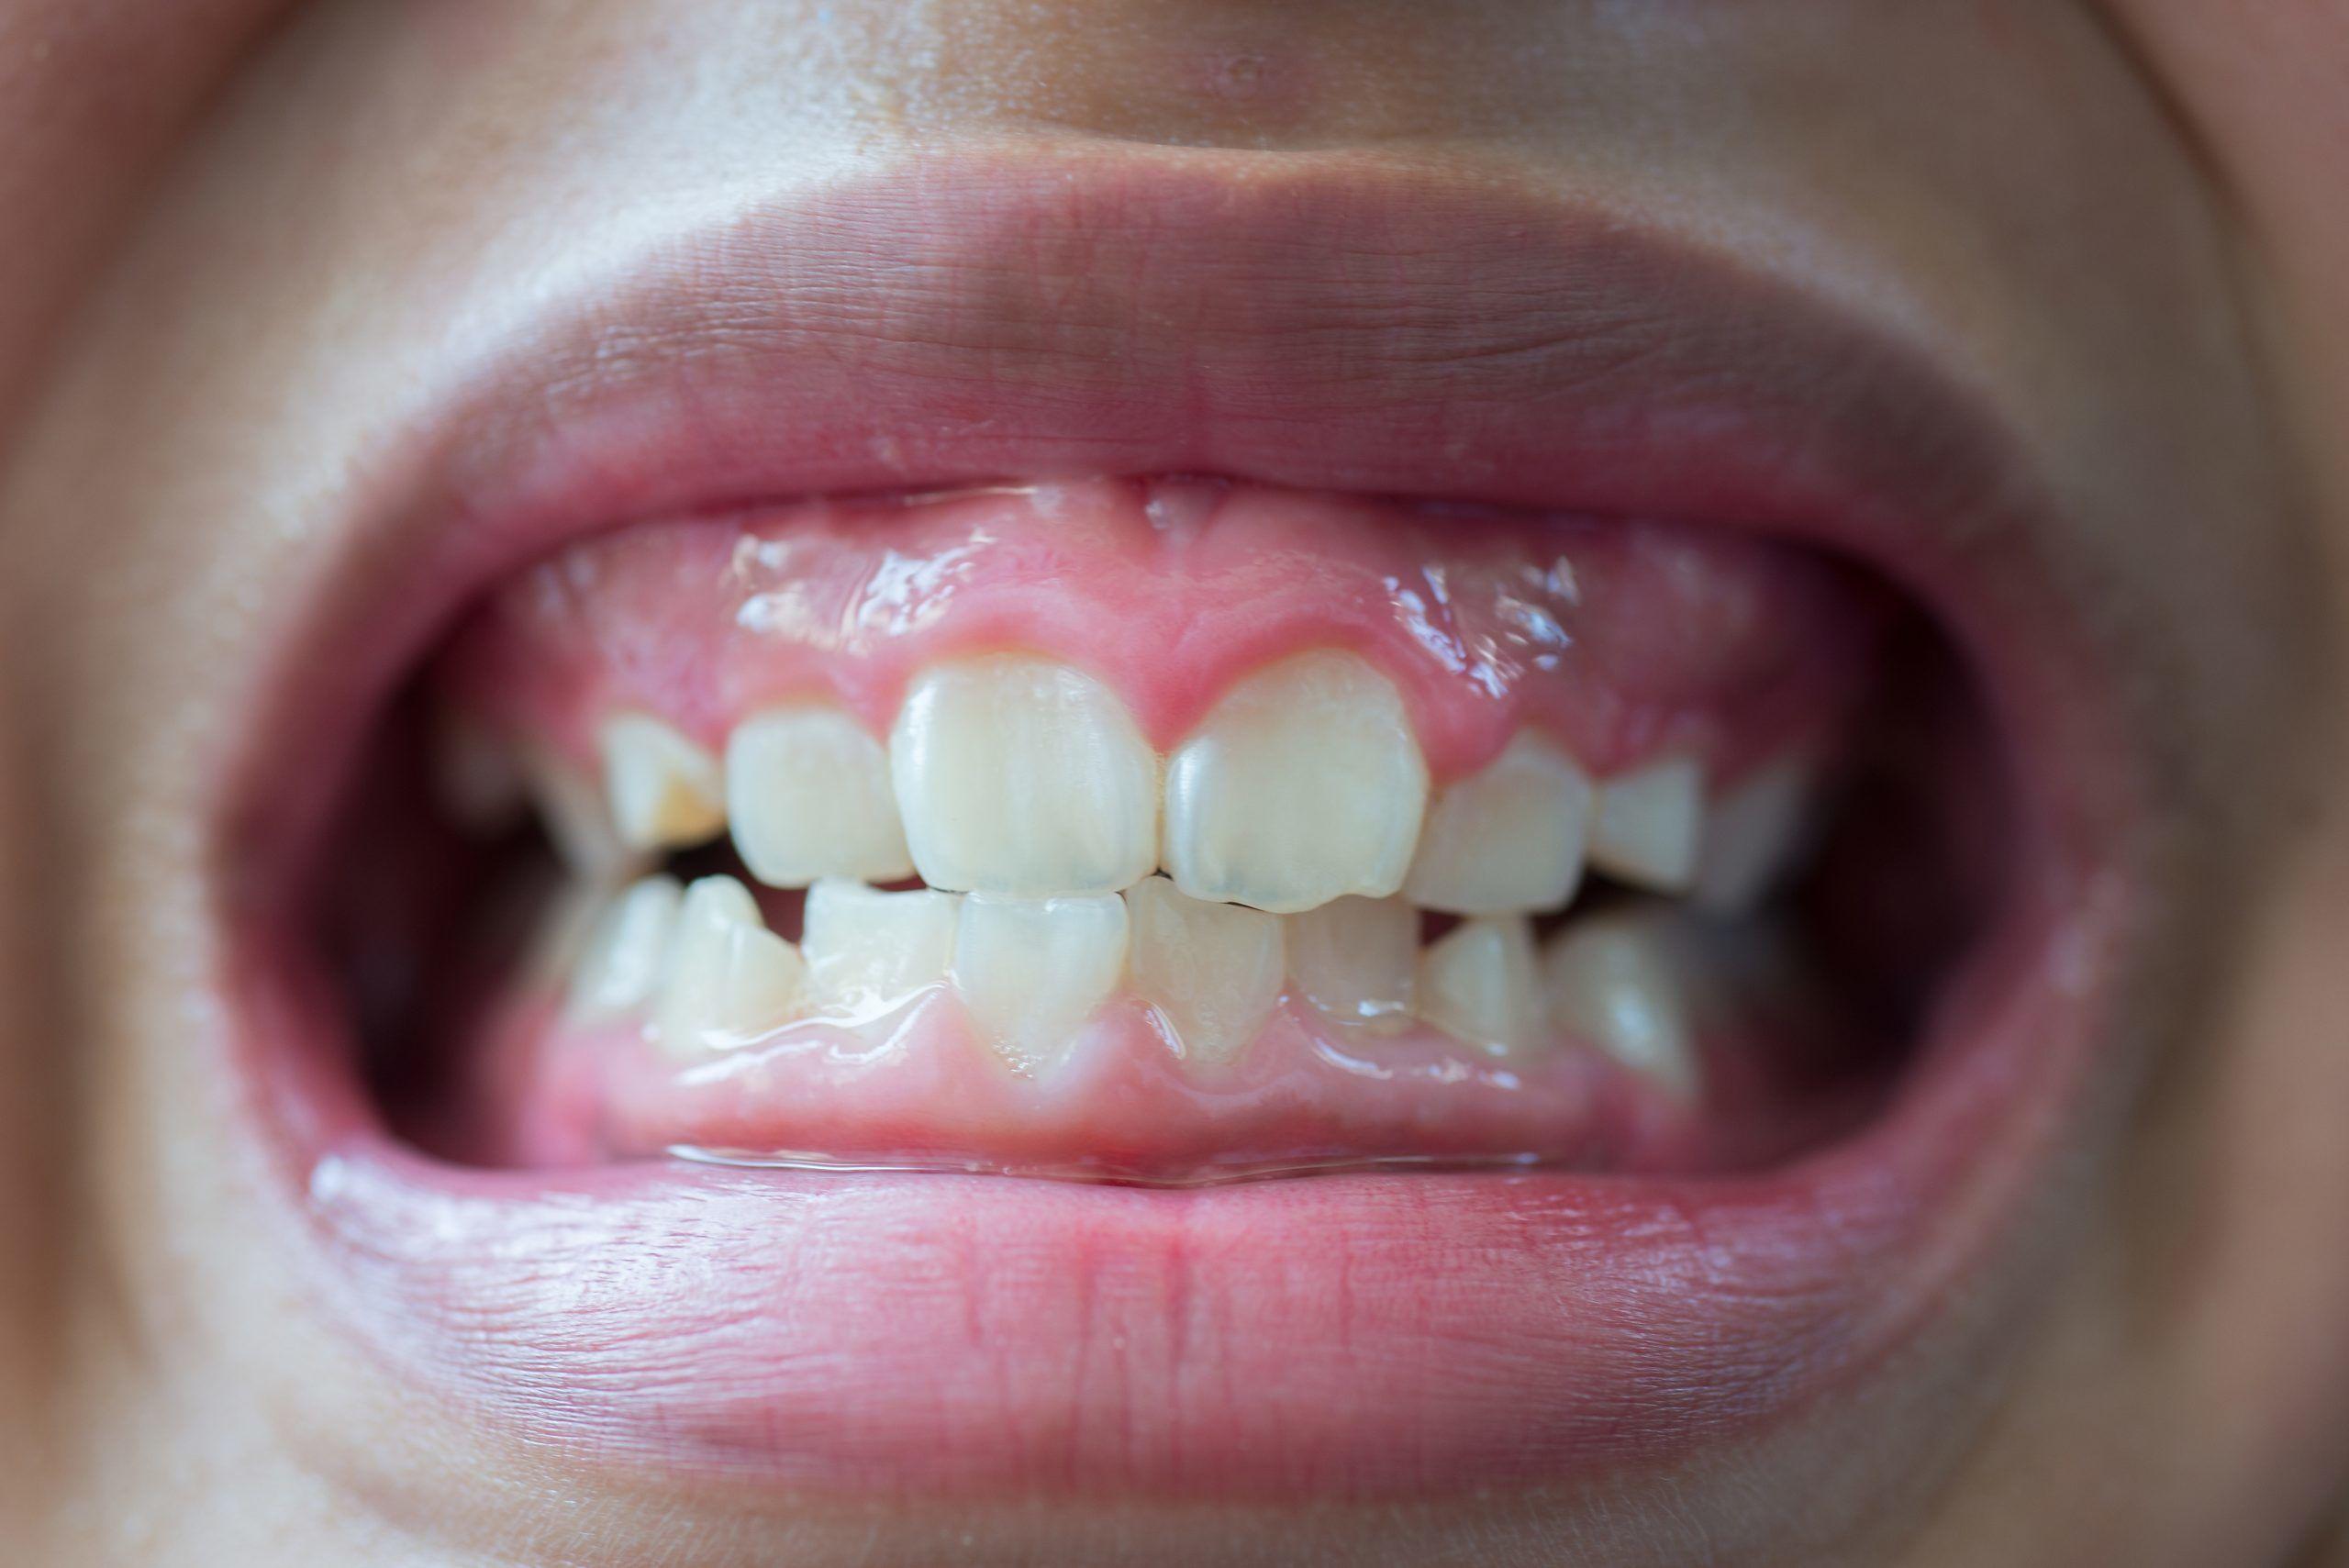 Erosione dentale e reflusso gastroesofageo